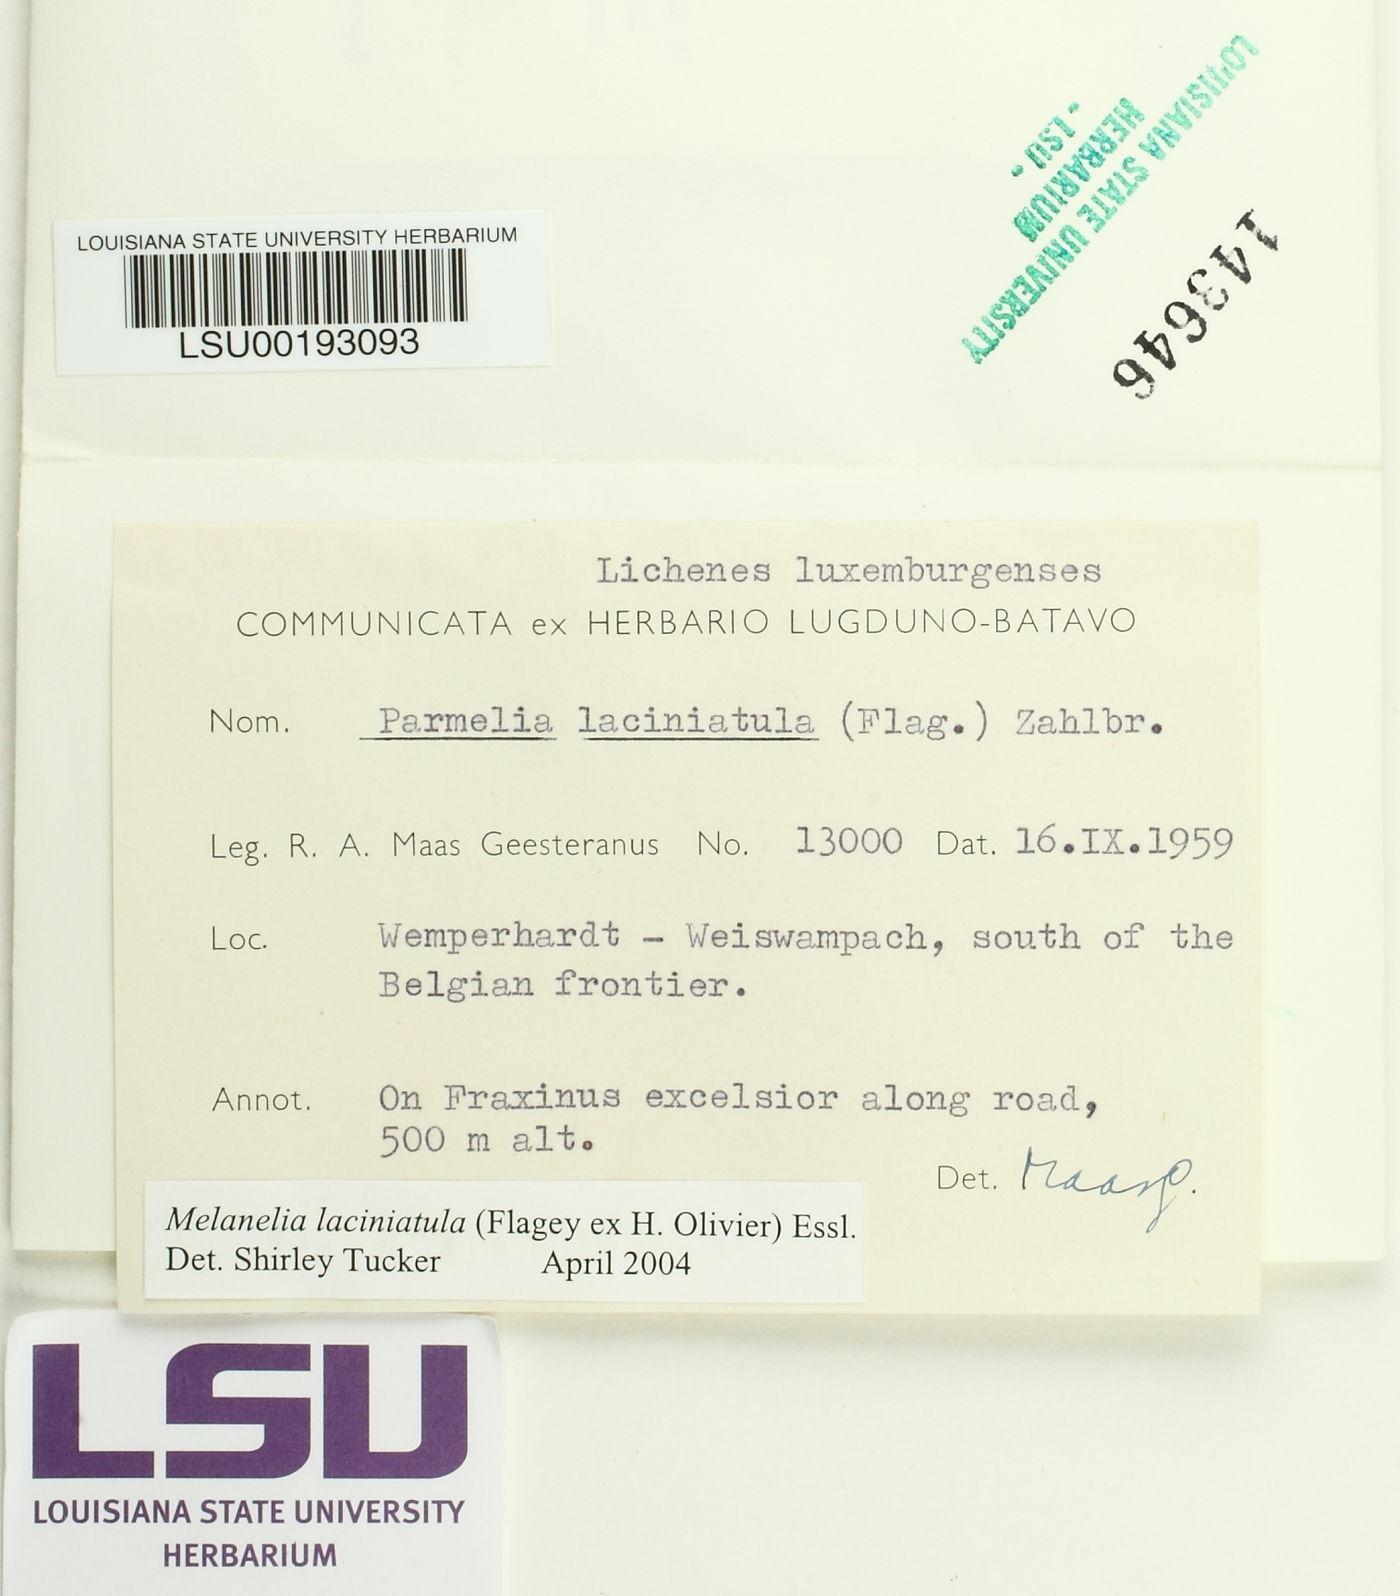 Melanelia laciniatula image